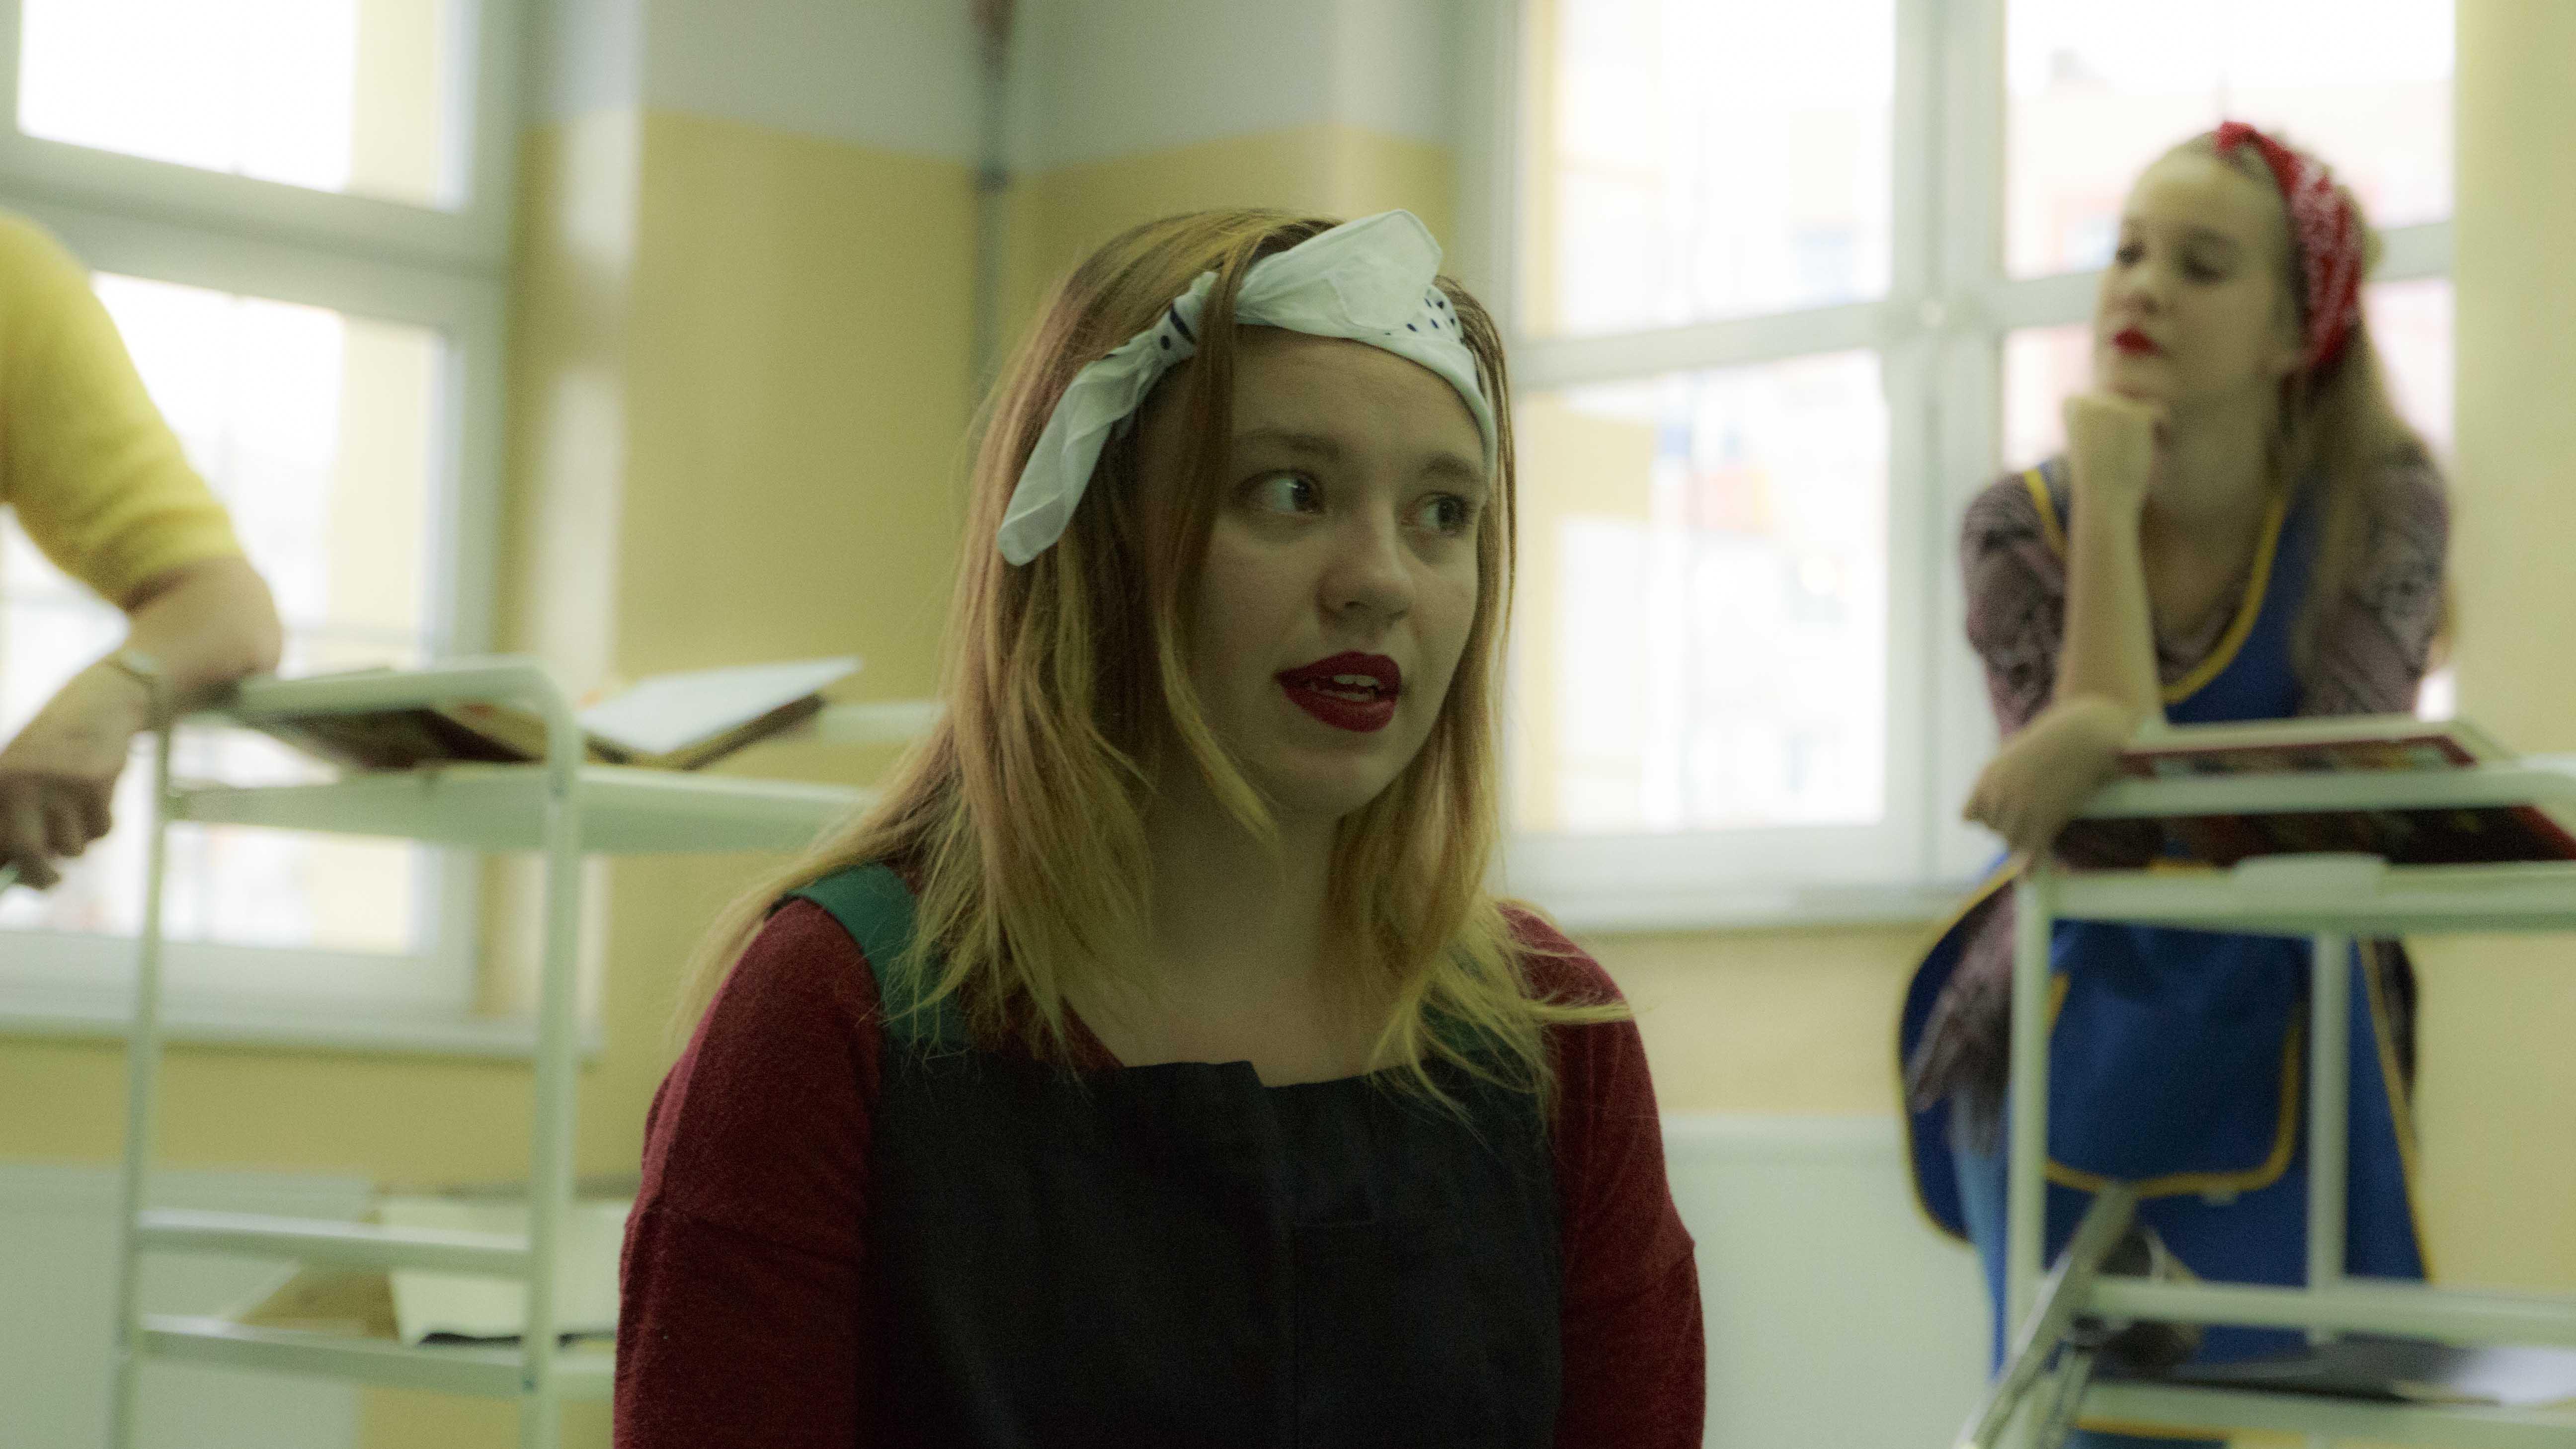 zdjęcie z projektu Dzwięczące wieżowce. Aktorka, blondynka z białą chustą zawiazaną na czole.